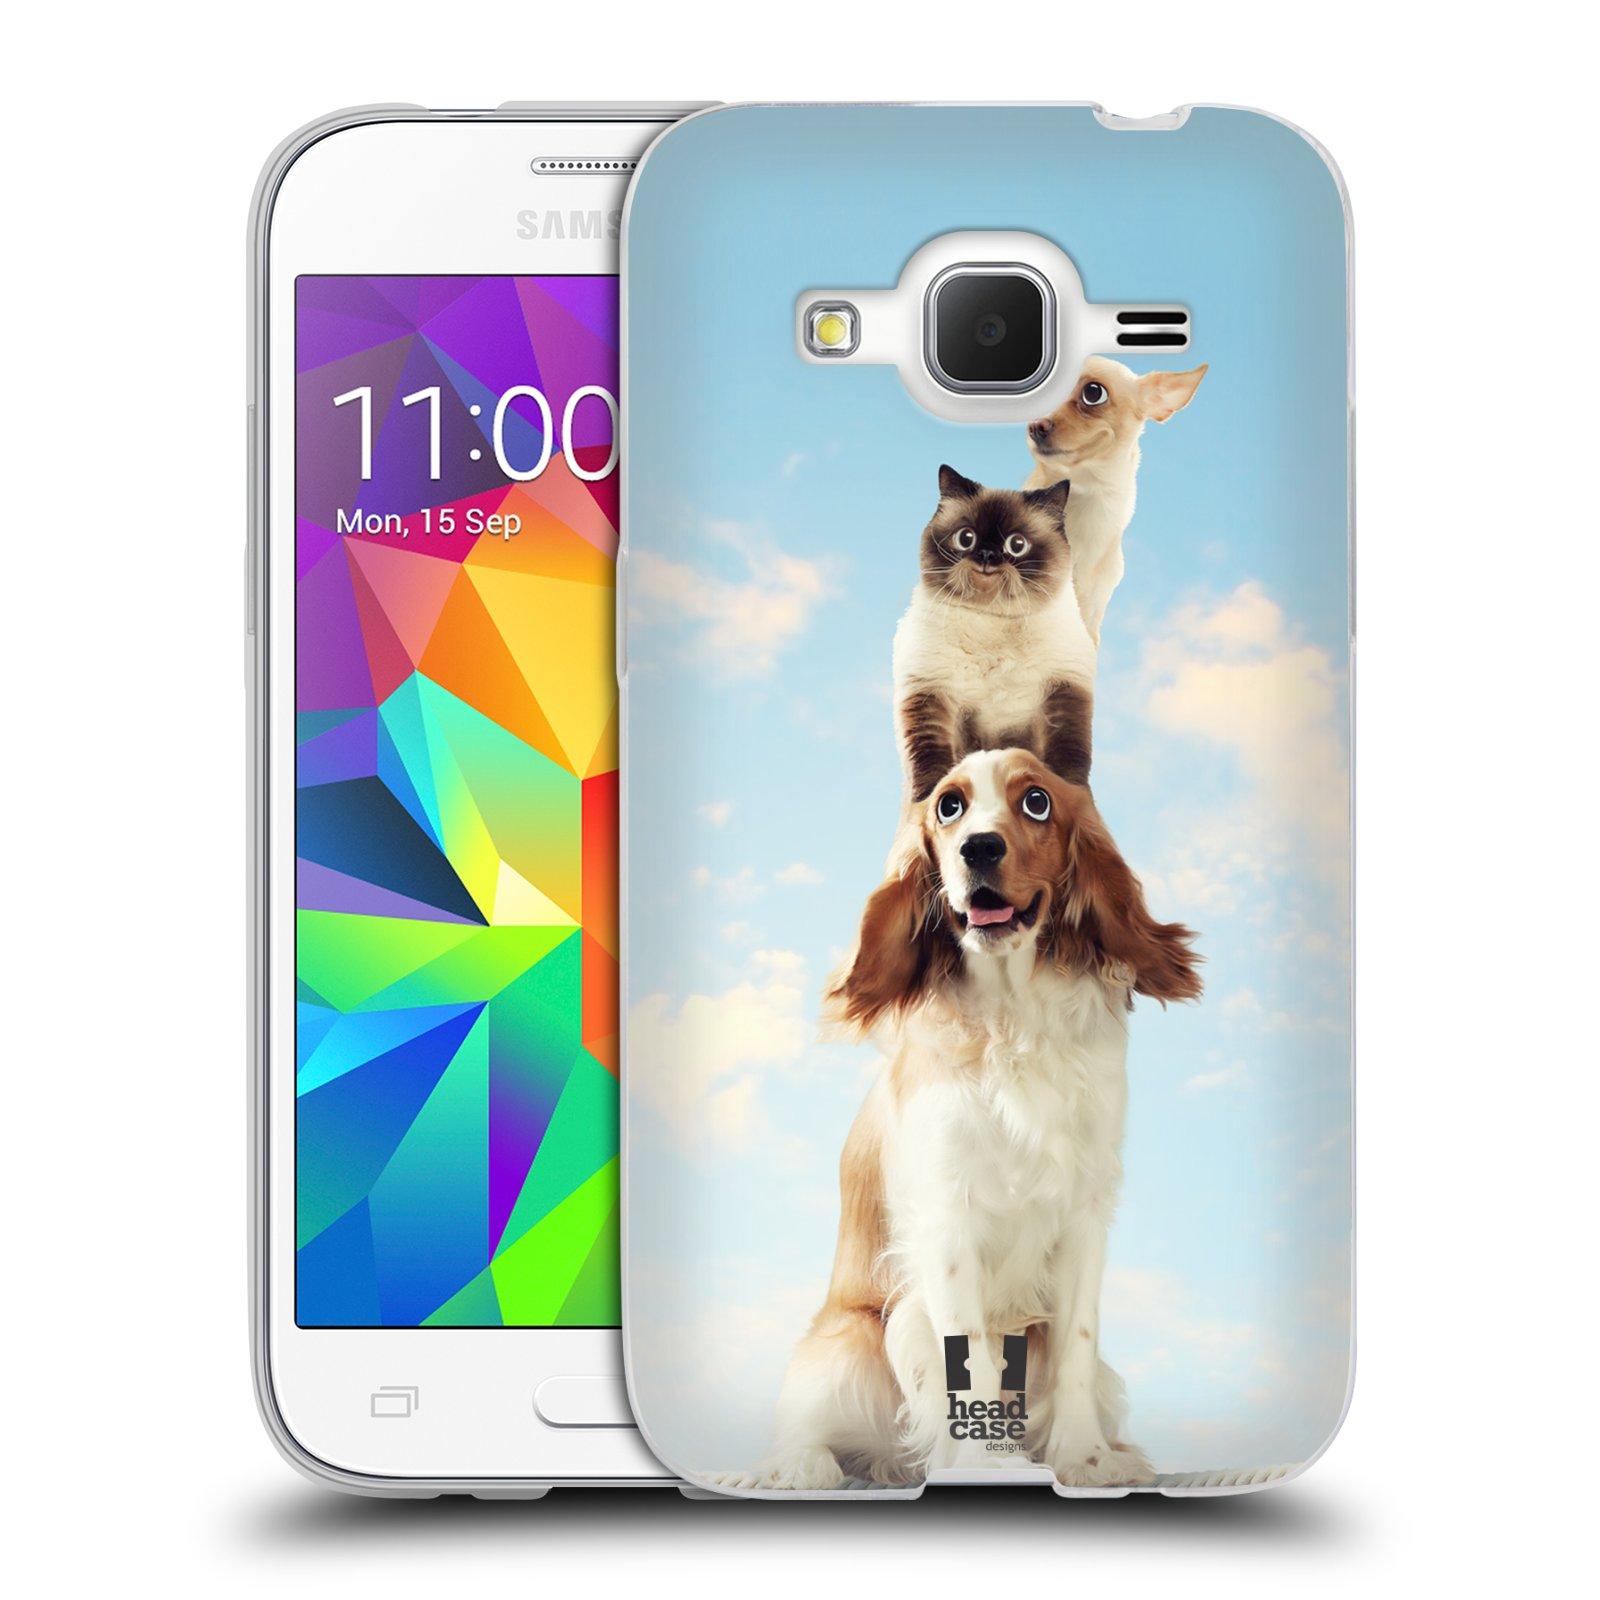 HEAD CASE silikonový obal na mobil Samsung Galaxy Core Prime (G360) vzor Legrační zvířátka zvířecí totem